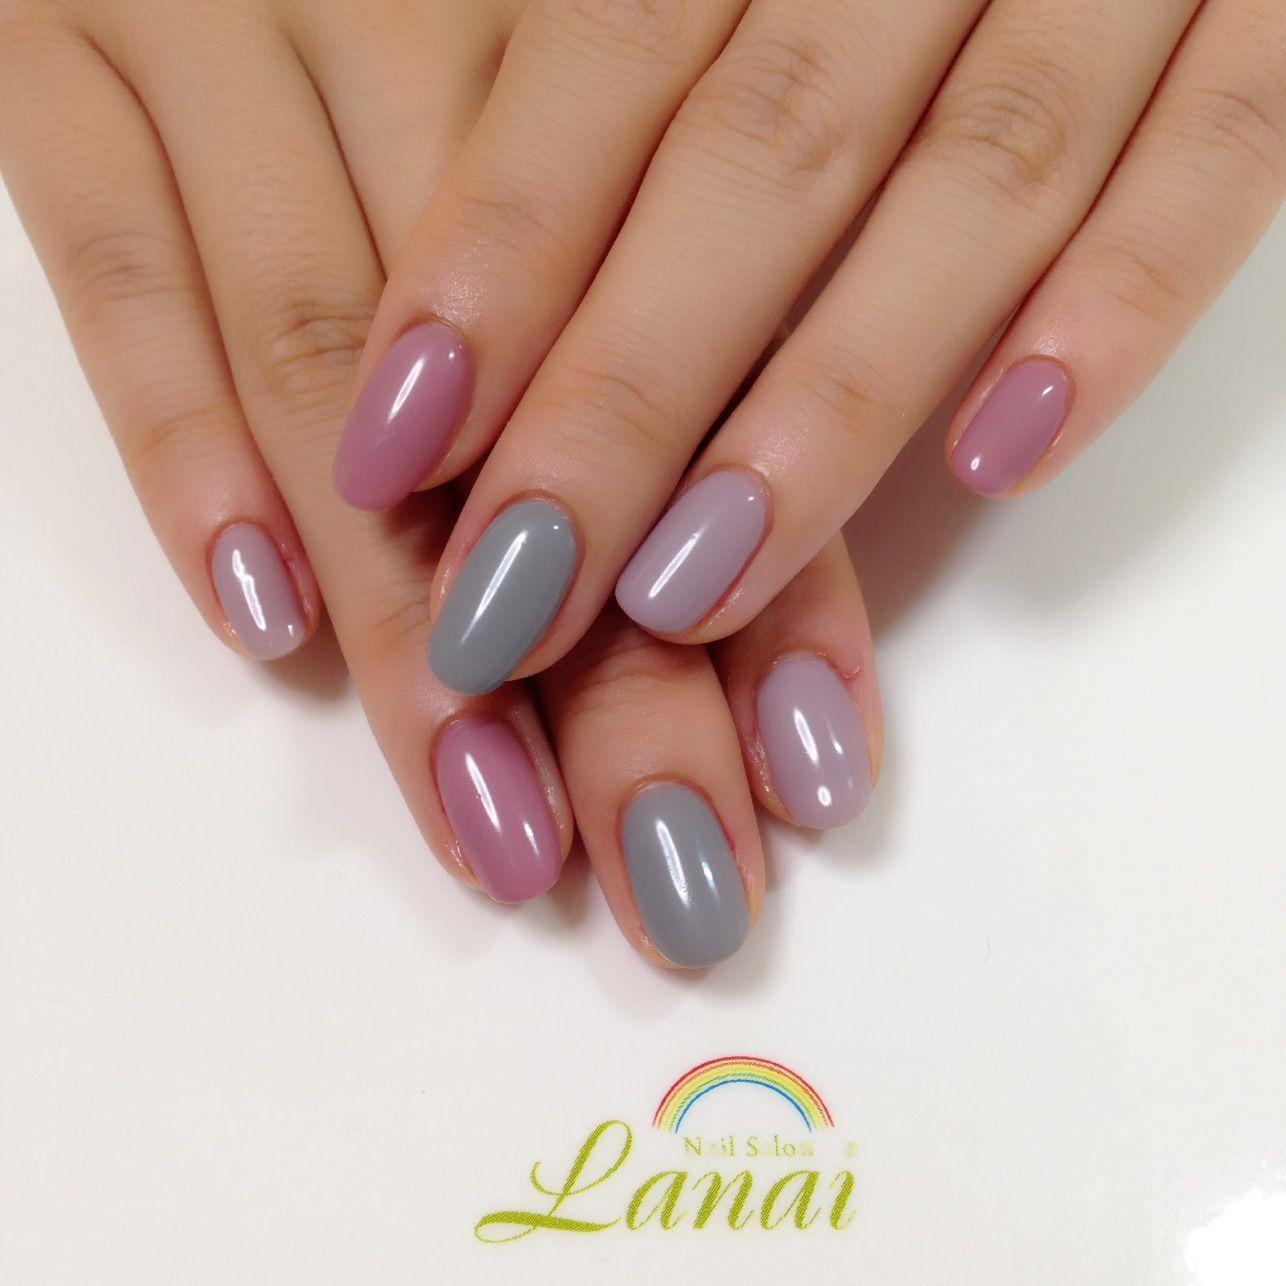 単色色違いネイルのコツ&デザイン|人気のピンクやグレーなどの